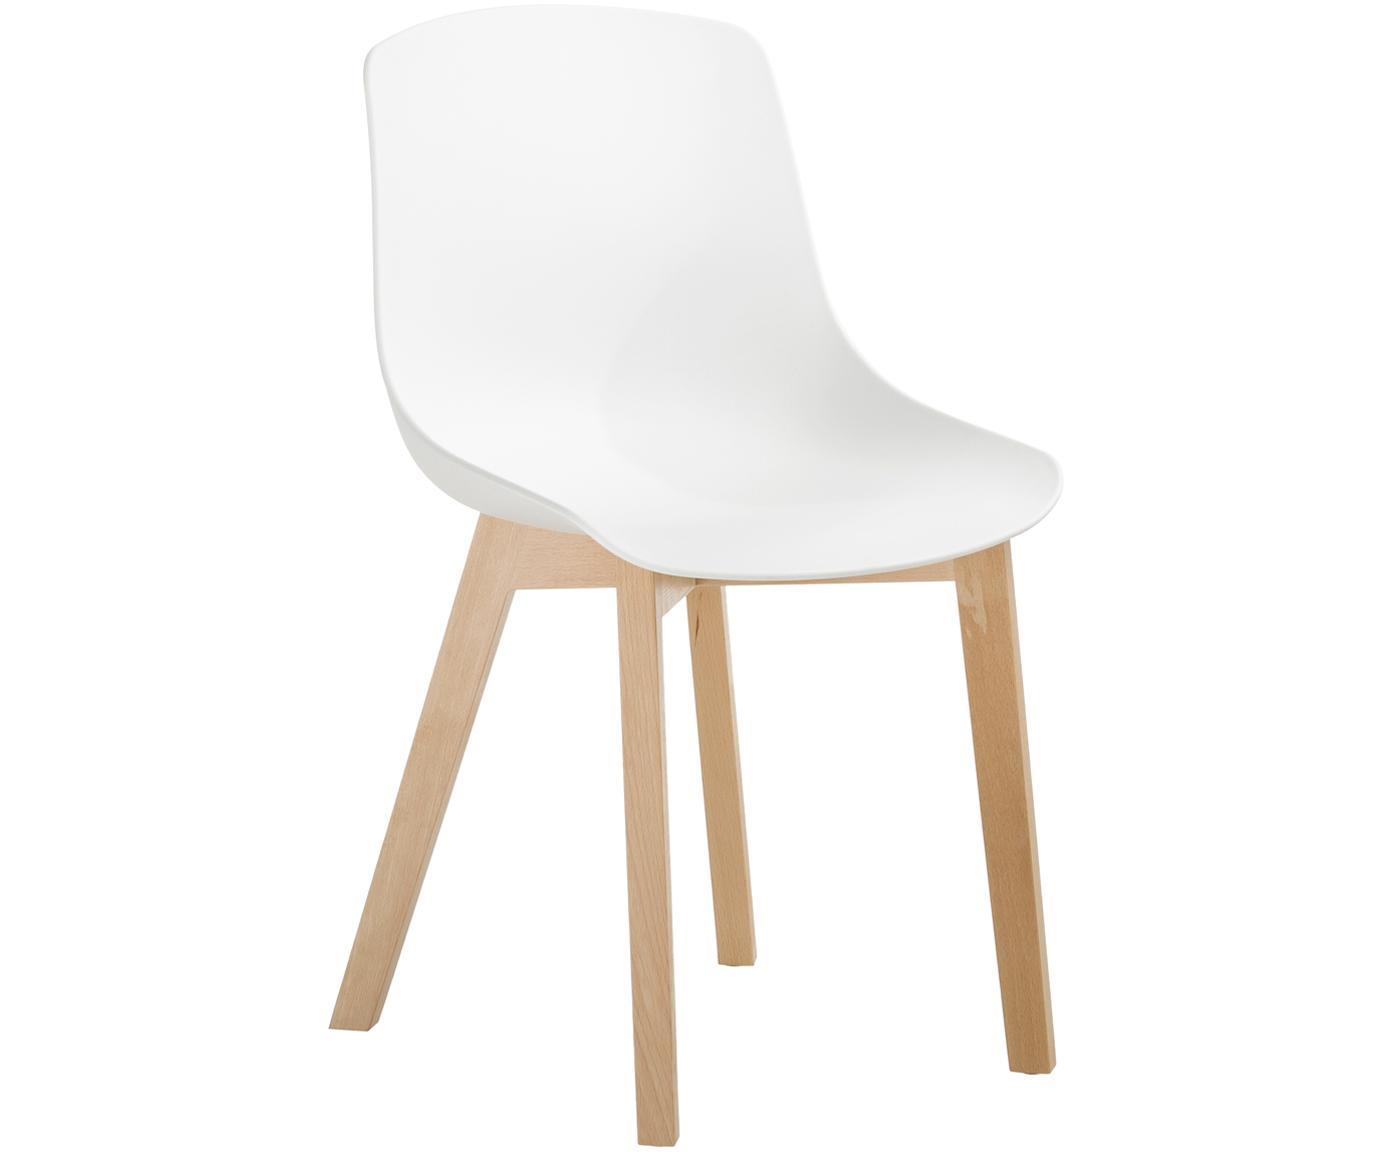 Krzesło z tworzywa sztucznego Dave, 2 szt., Nogi: drewno bukowe, Biały, S 46 x W 82 cm